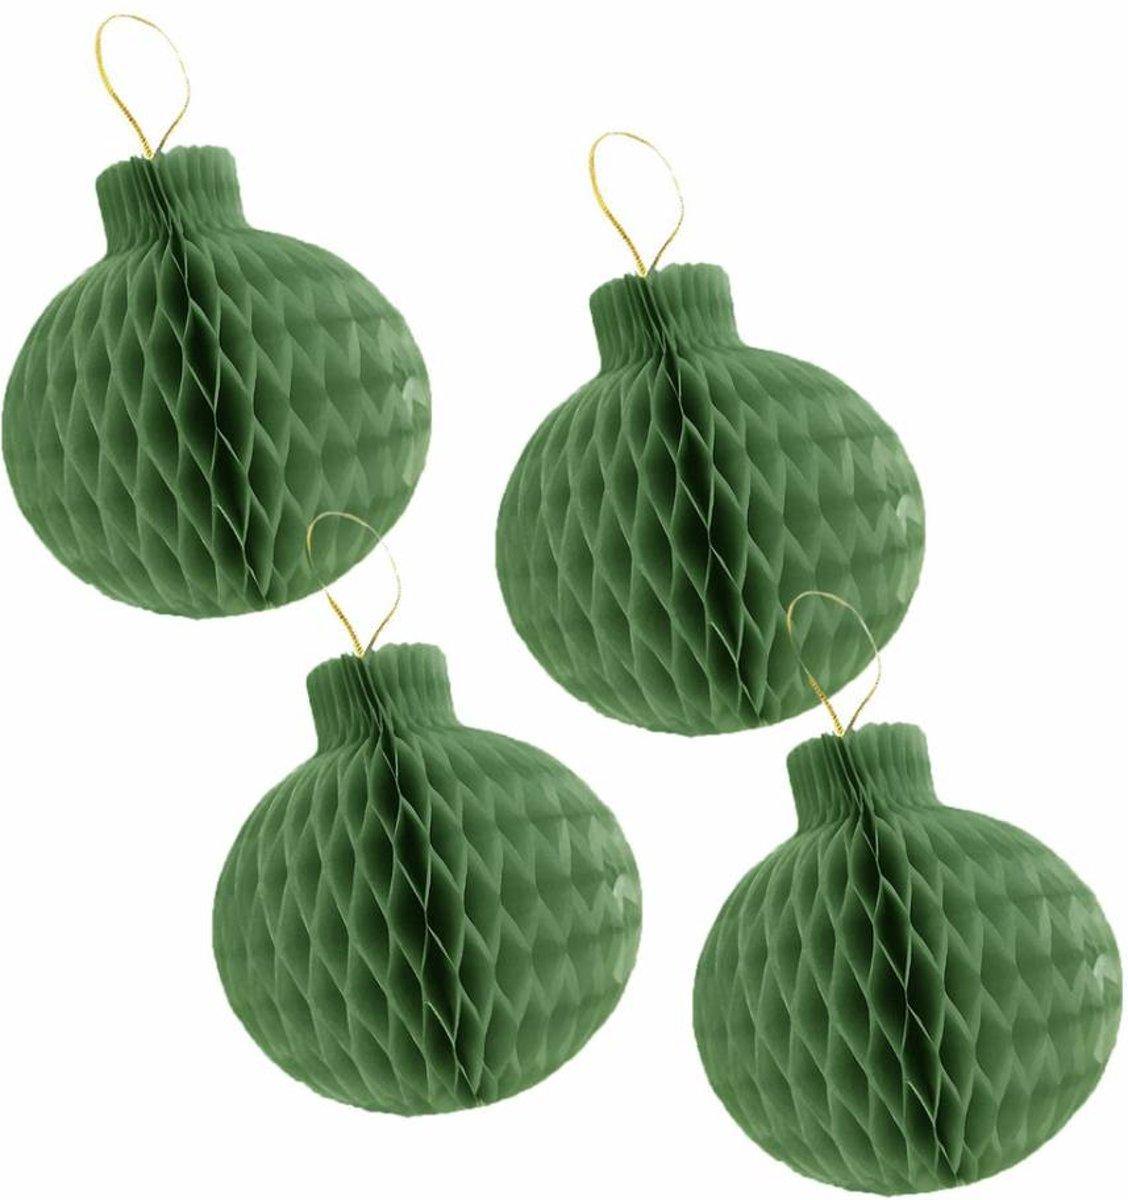 ae7f44a4709cff Honeycomb Kerstballen Groen 8cm 4 stuks